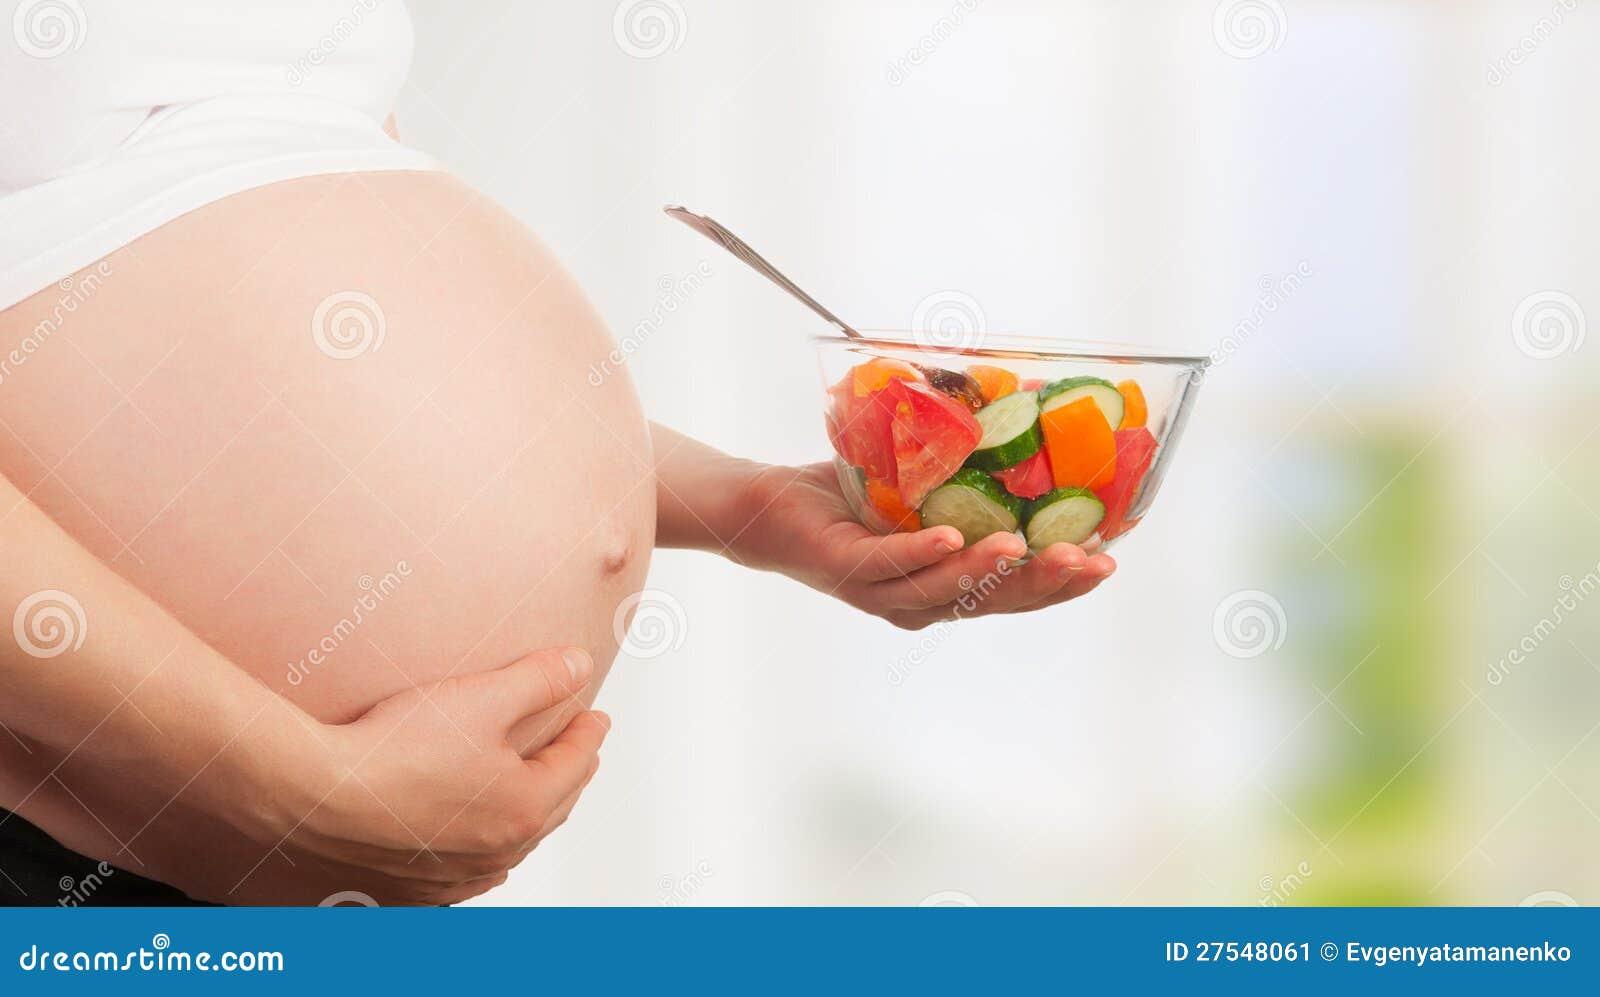 Здоровые питание и стельность.